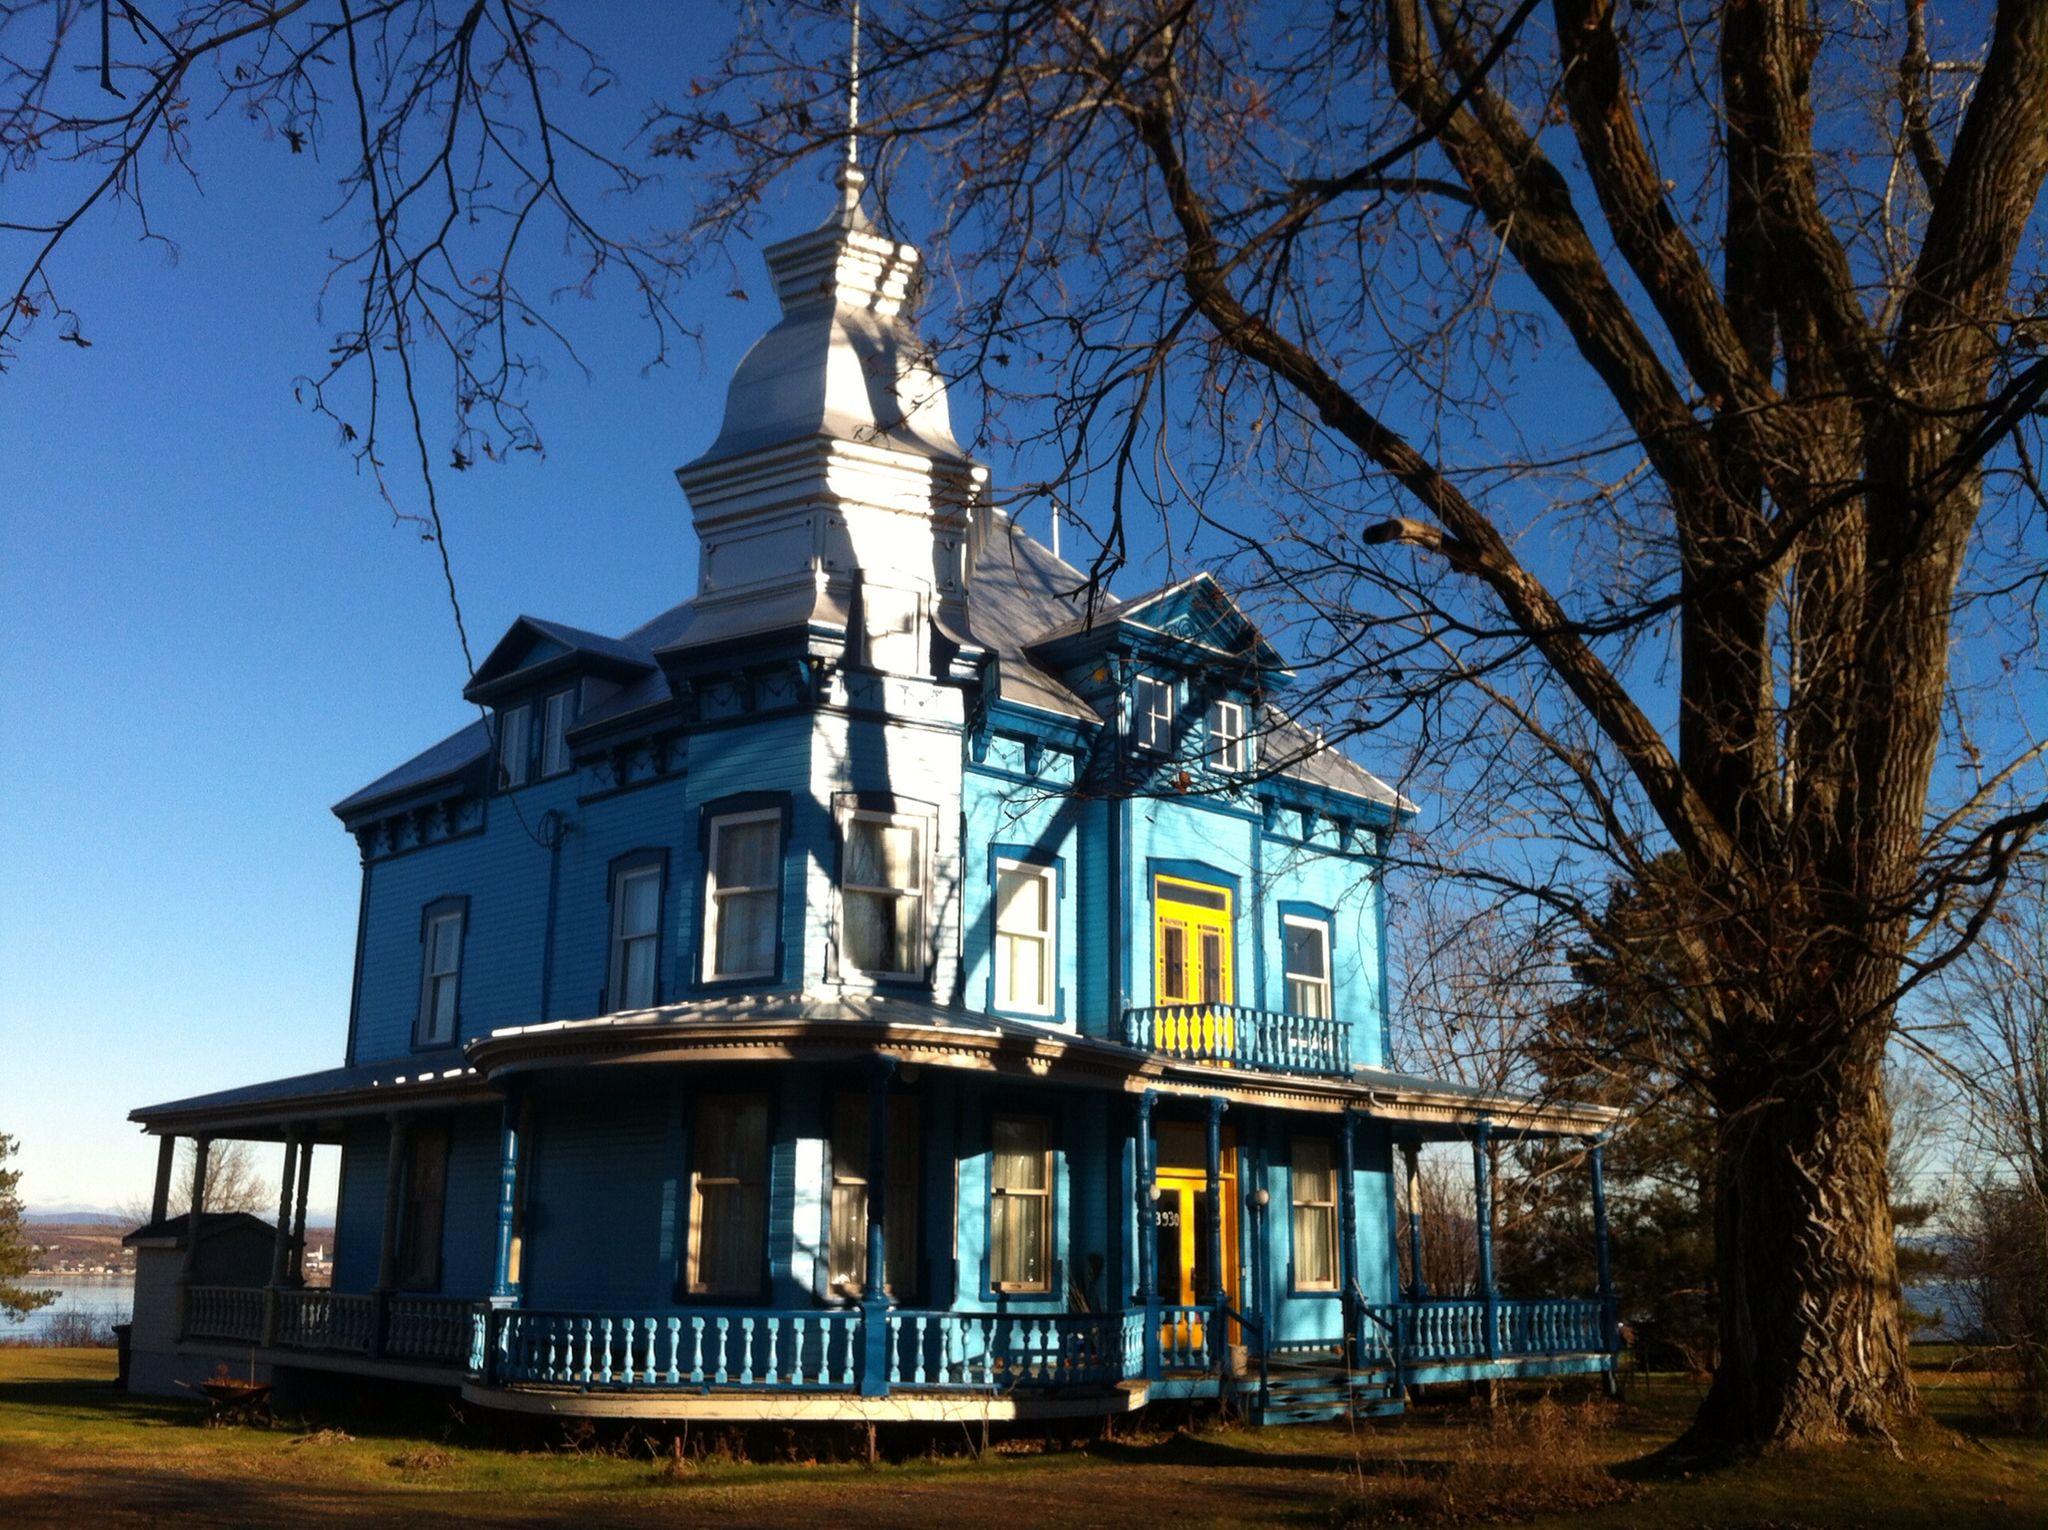 Maison victorienne saint antoine de tilly qc canada saint antoine de tilly maison villa - Maison victorienne ...